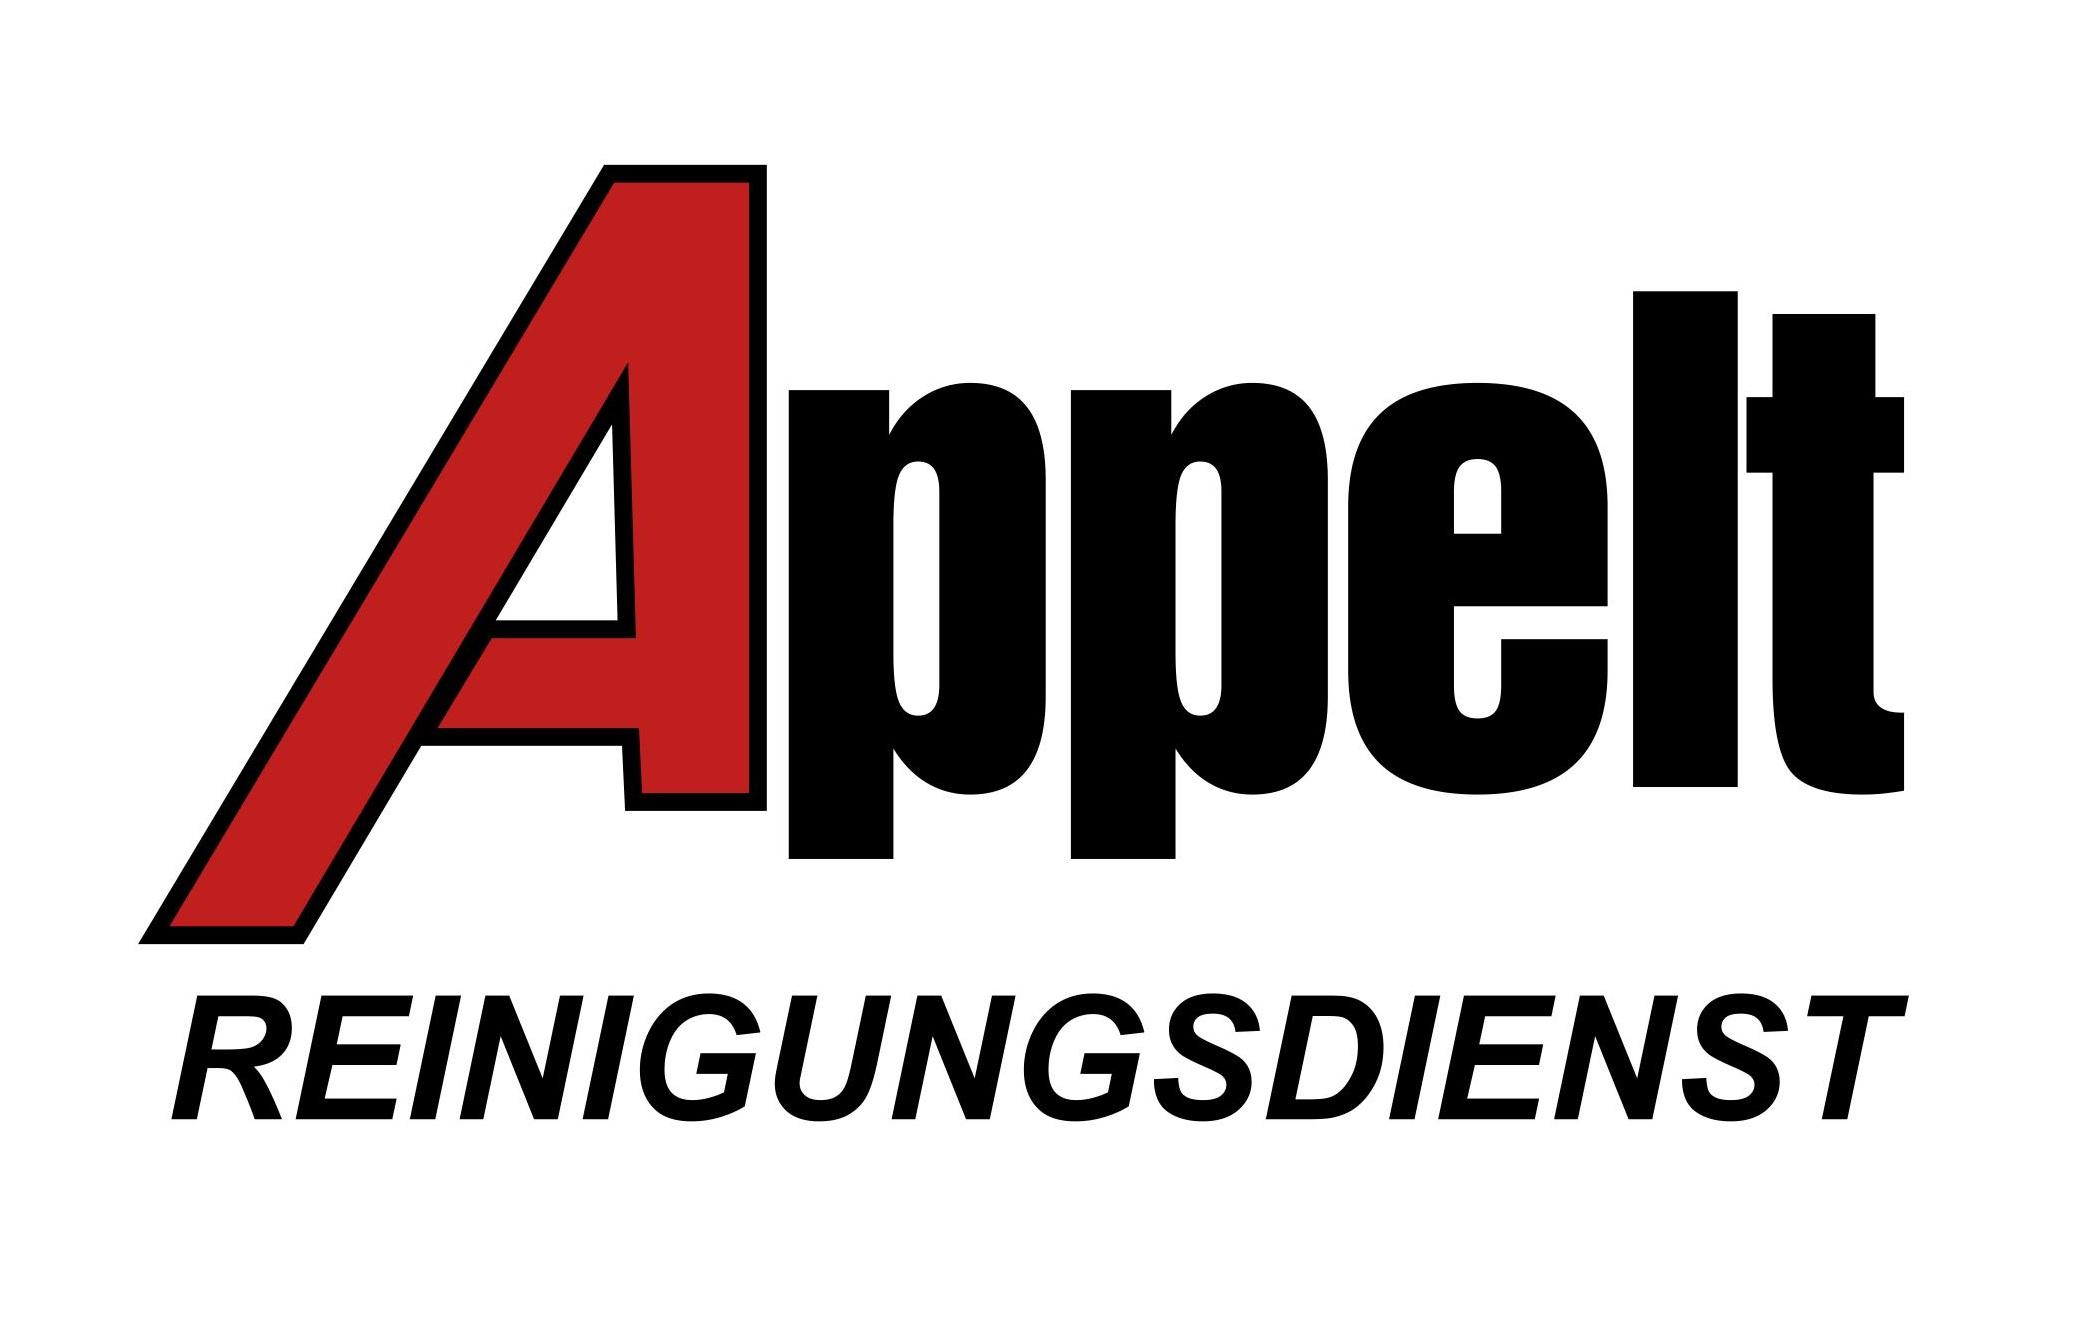 Appelt